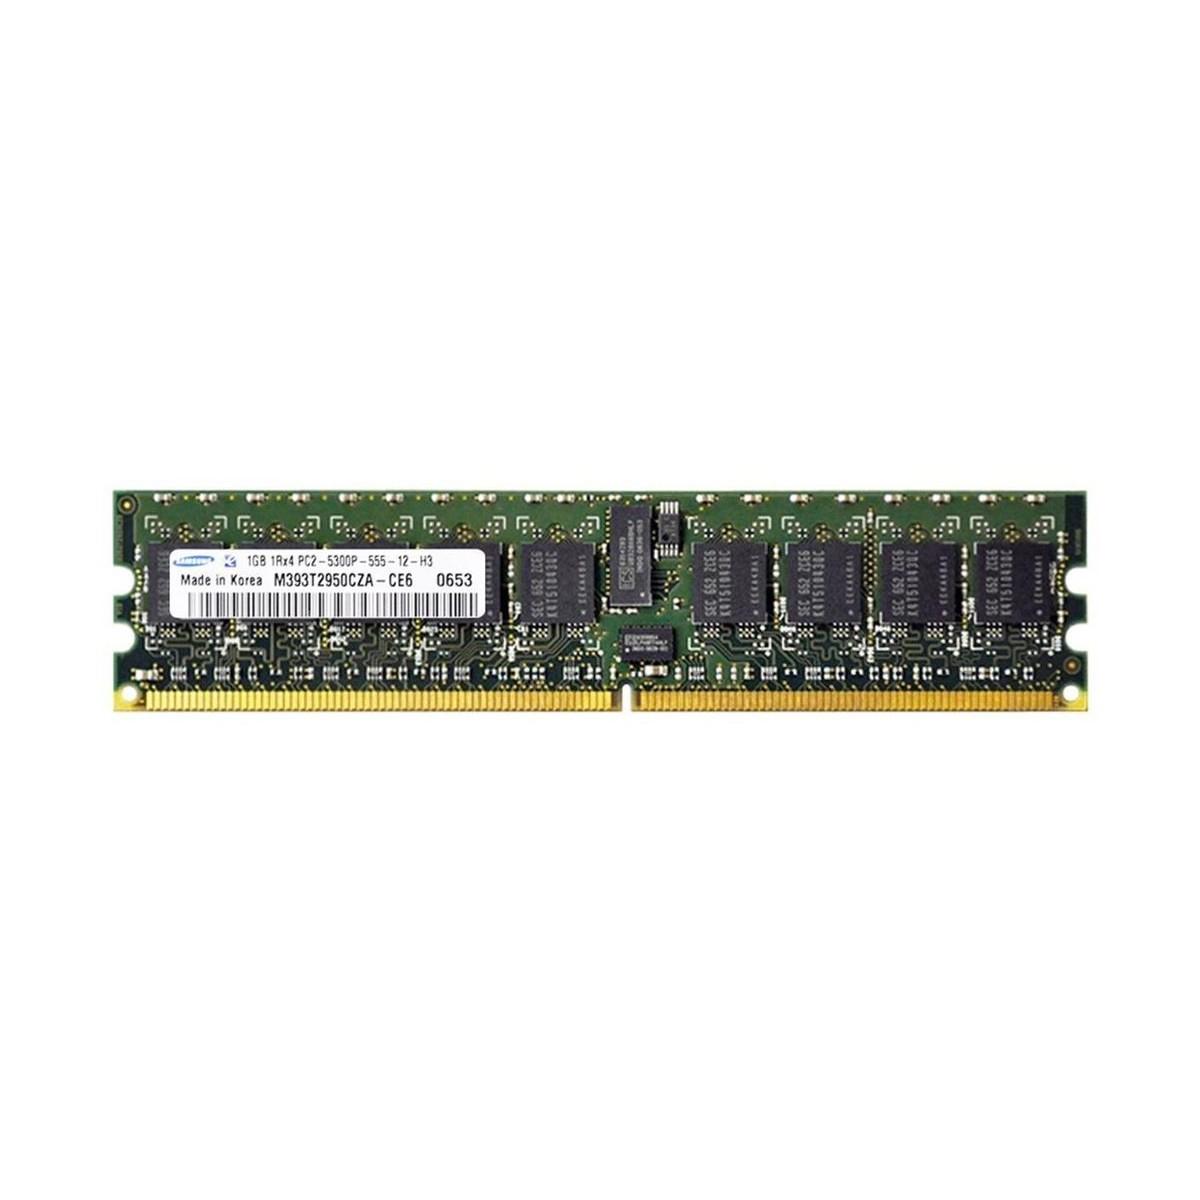 PAMIEC SAMSUNG 1GB 1Rx4 PC2-5300P 667MHZ ECC